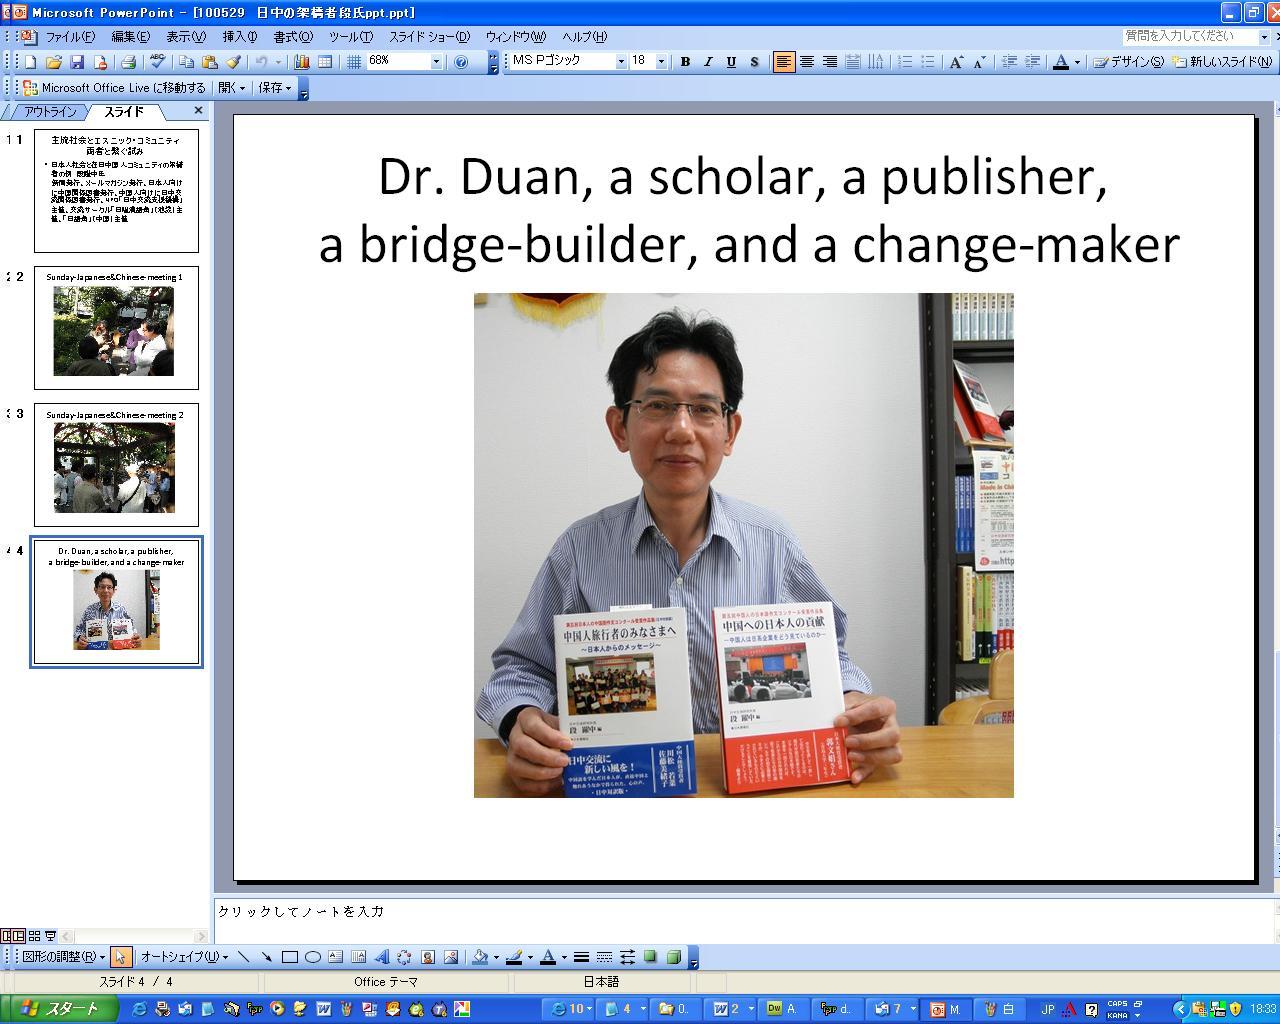 白水繁彦教授 オーストラリア学会主催の講演会で漢語角を紹介_d0027795_18355846.jpg